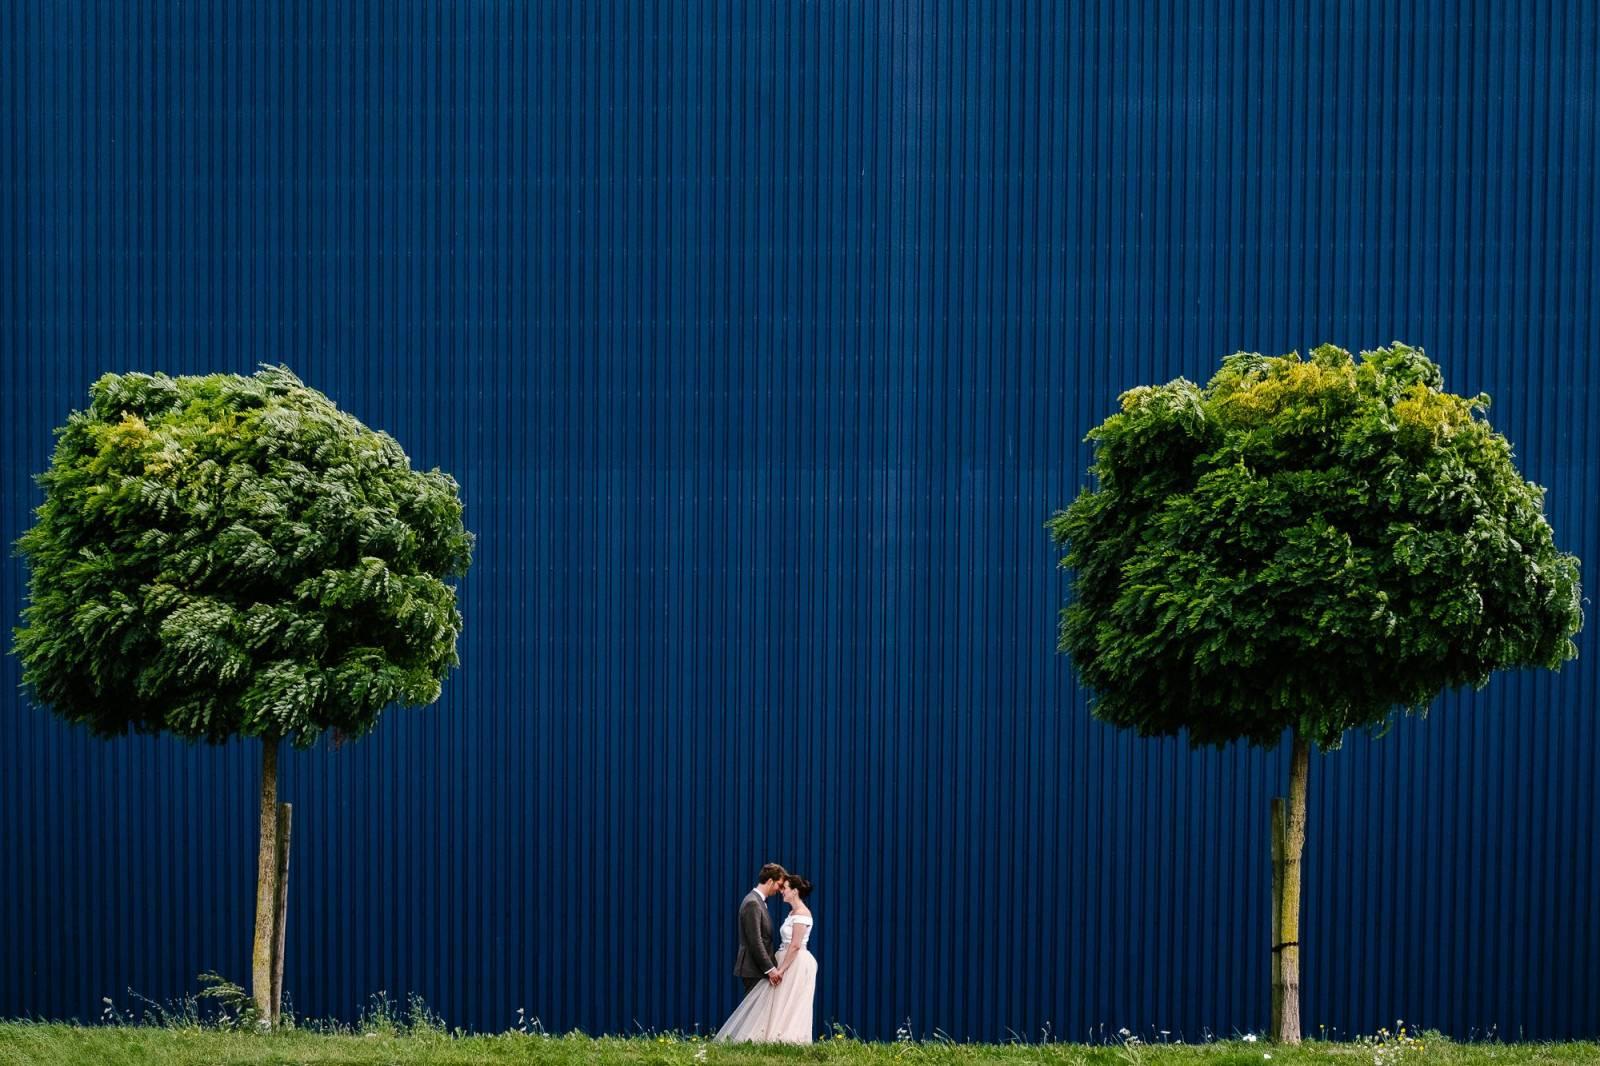 Jonas De Gent - Huwelijksfotograaf - House of Weddings - 16